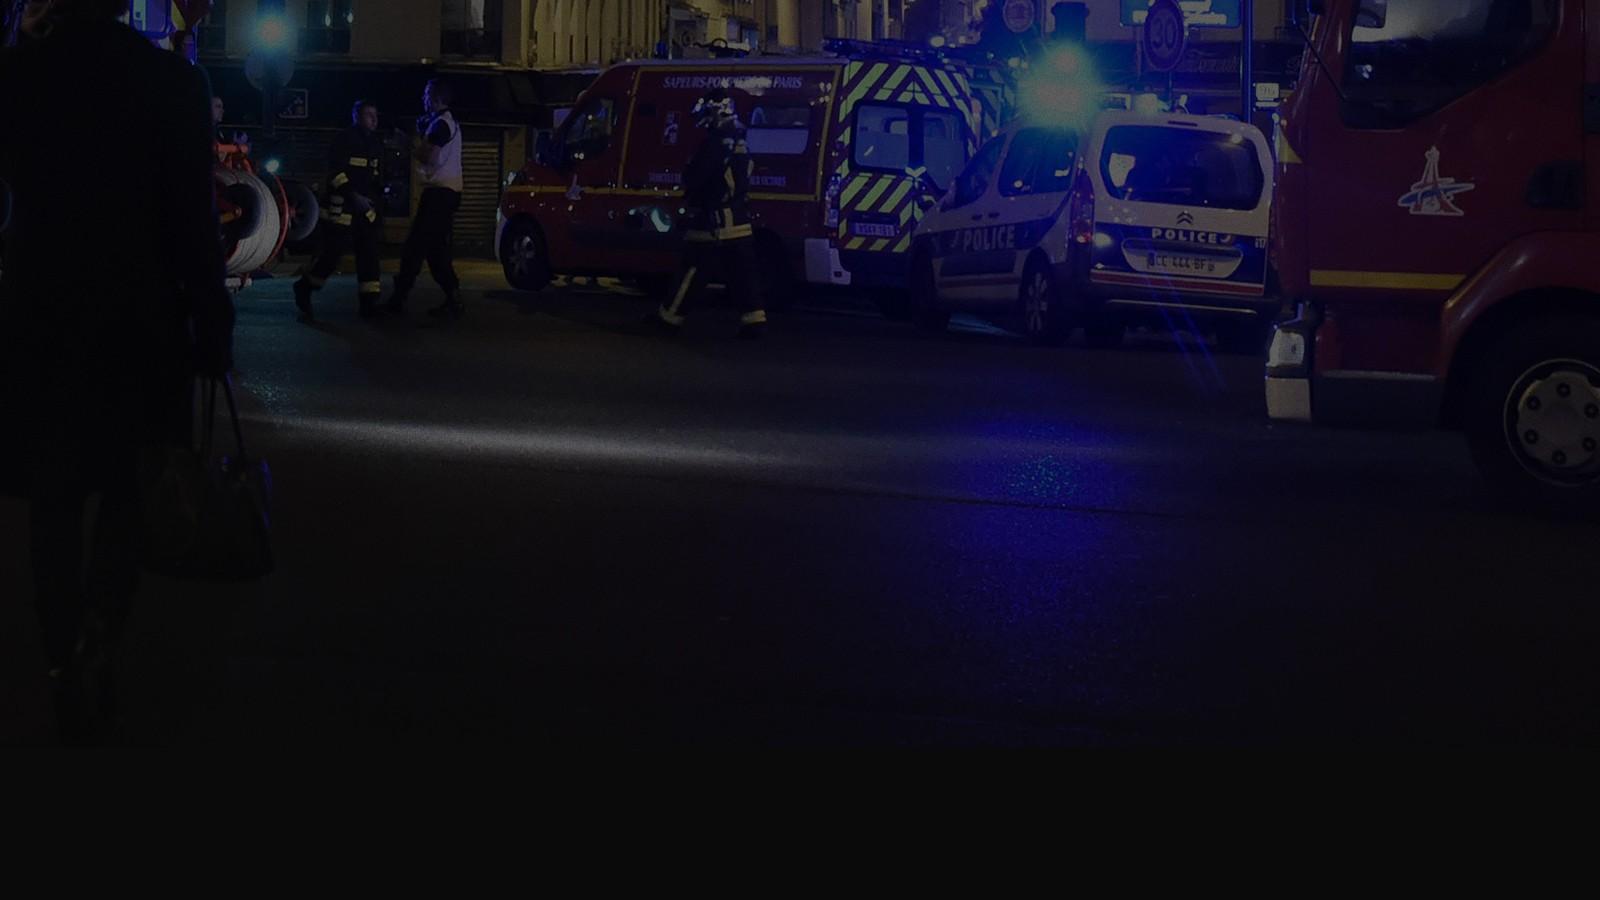 ' ' from the web at 'http://i2.cdn.turner.com/cnnnext/dam/assets/151113234306-paris-attacks-background---dark-full-169.jpg'